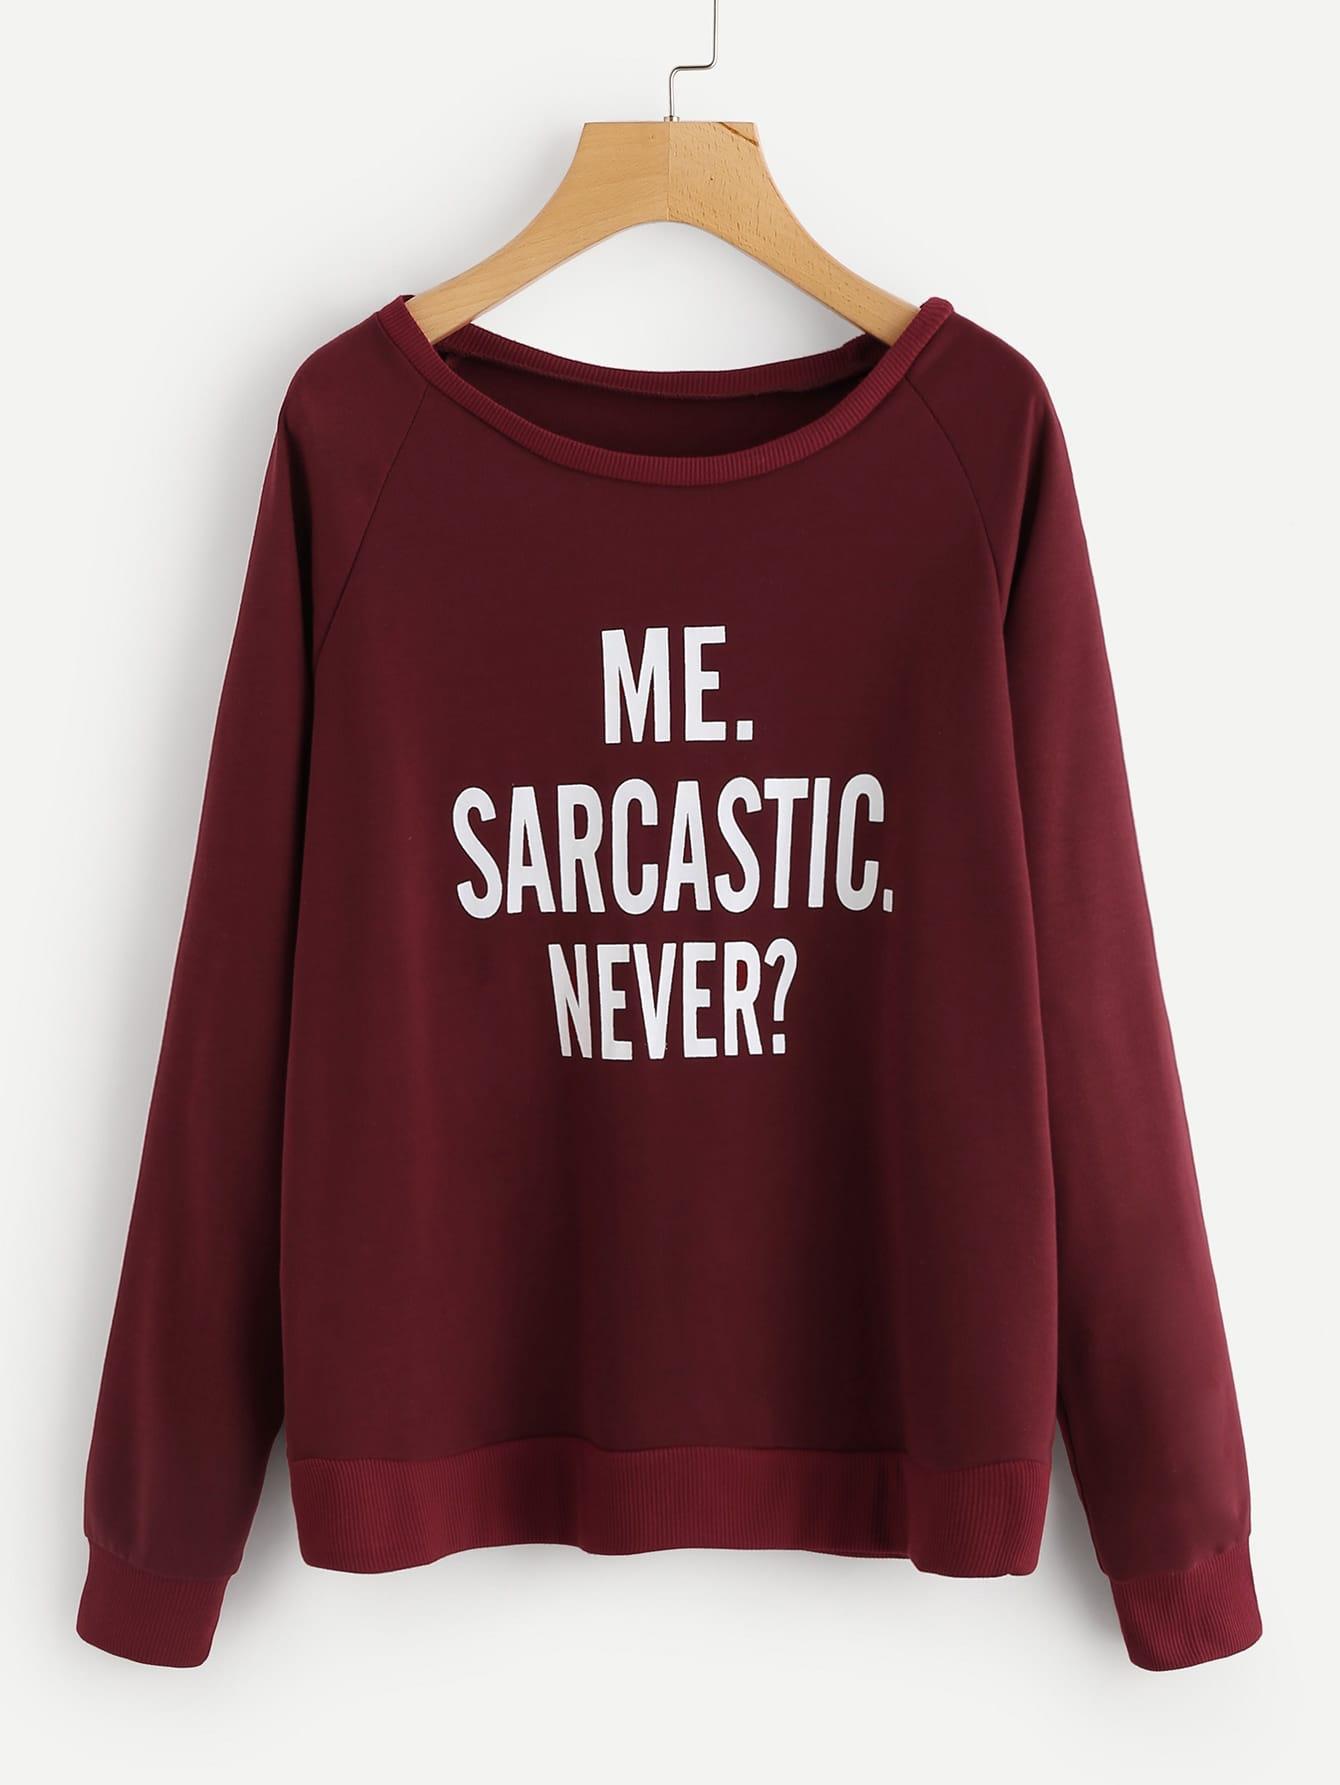 Raglan Sleeve Slogan Print Sweatshirt tree print raglan sleeve christmas sweatshirt dress